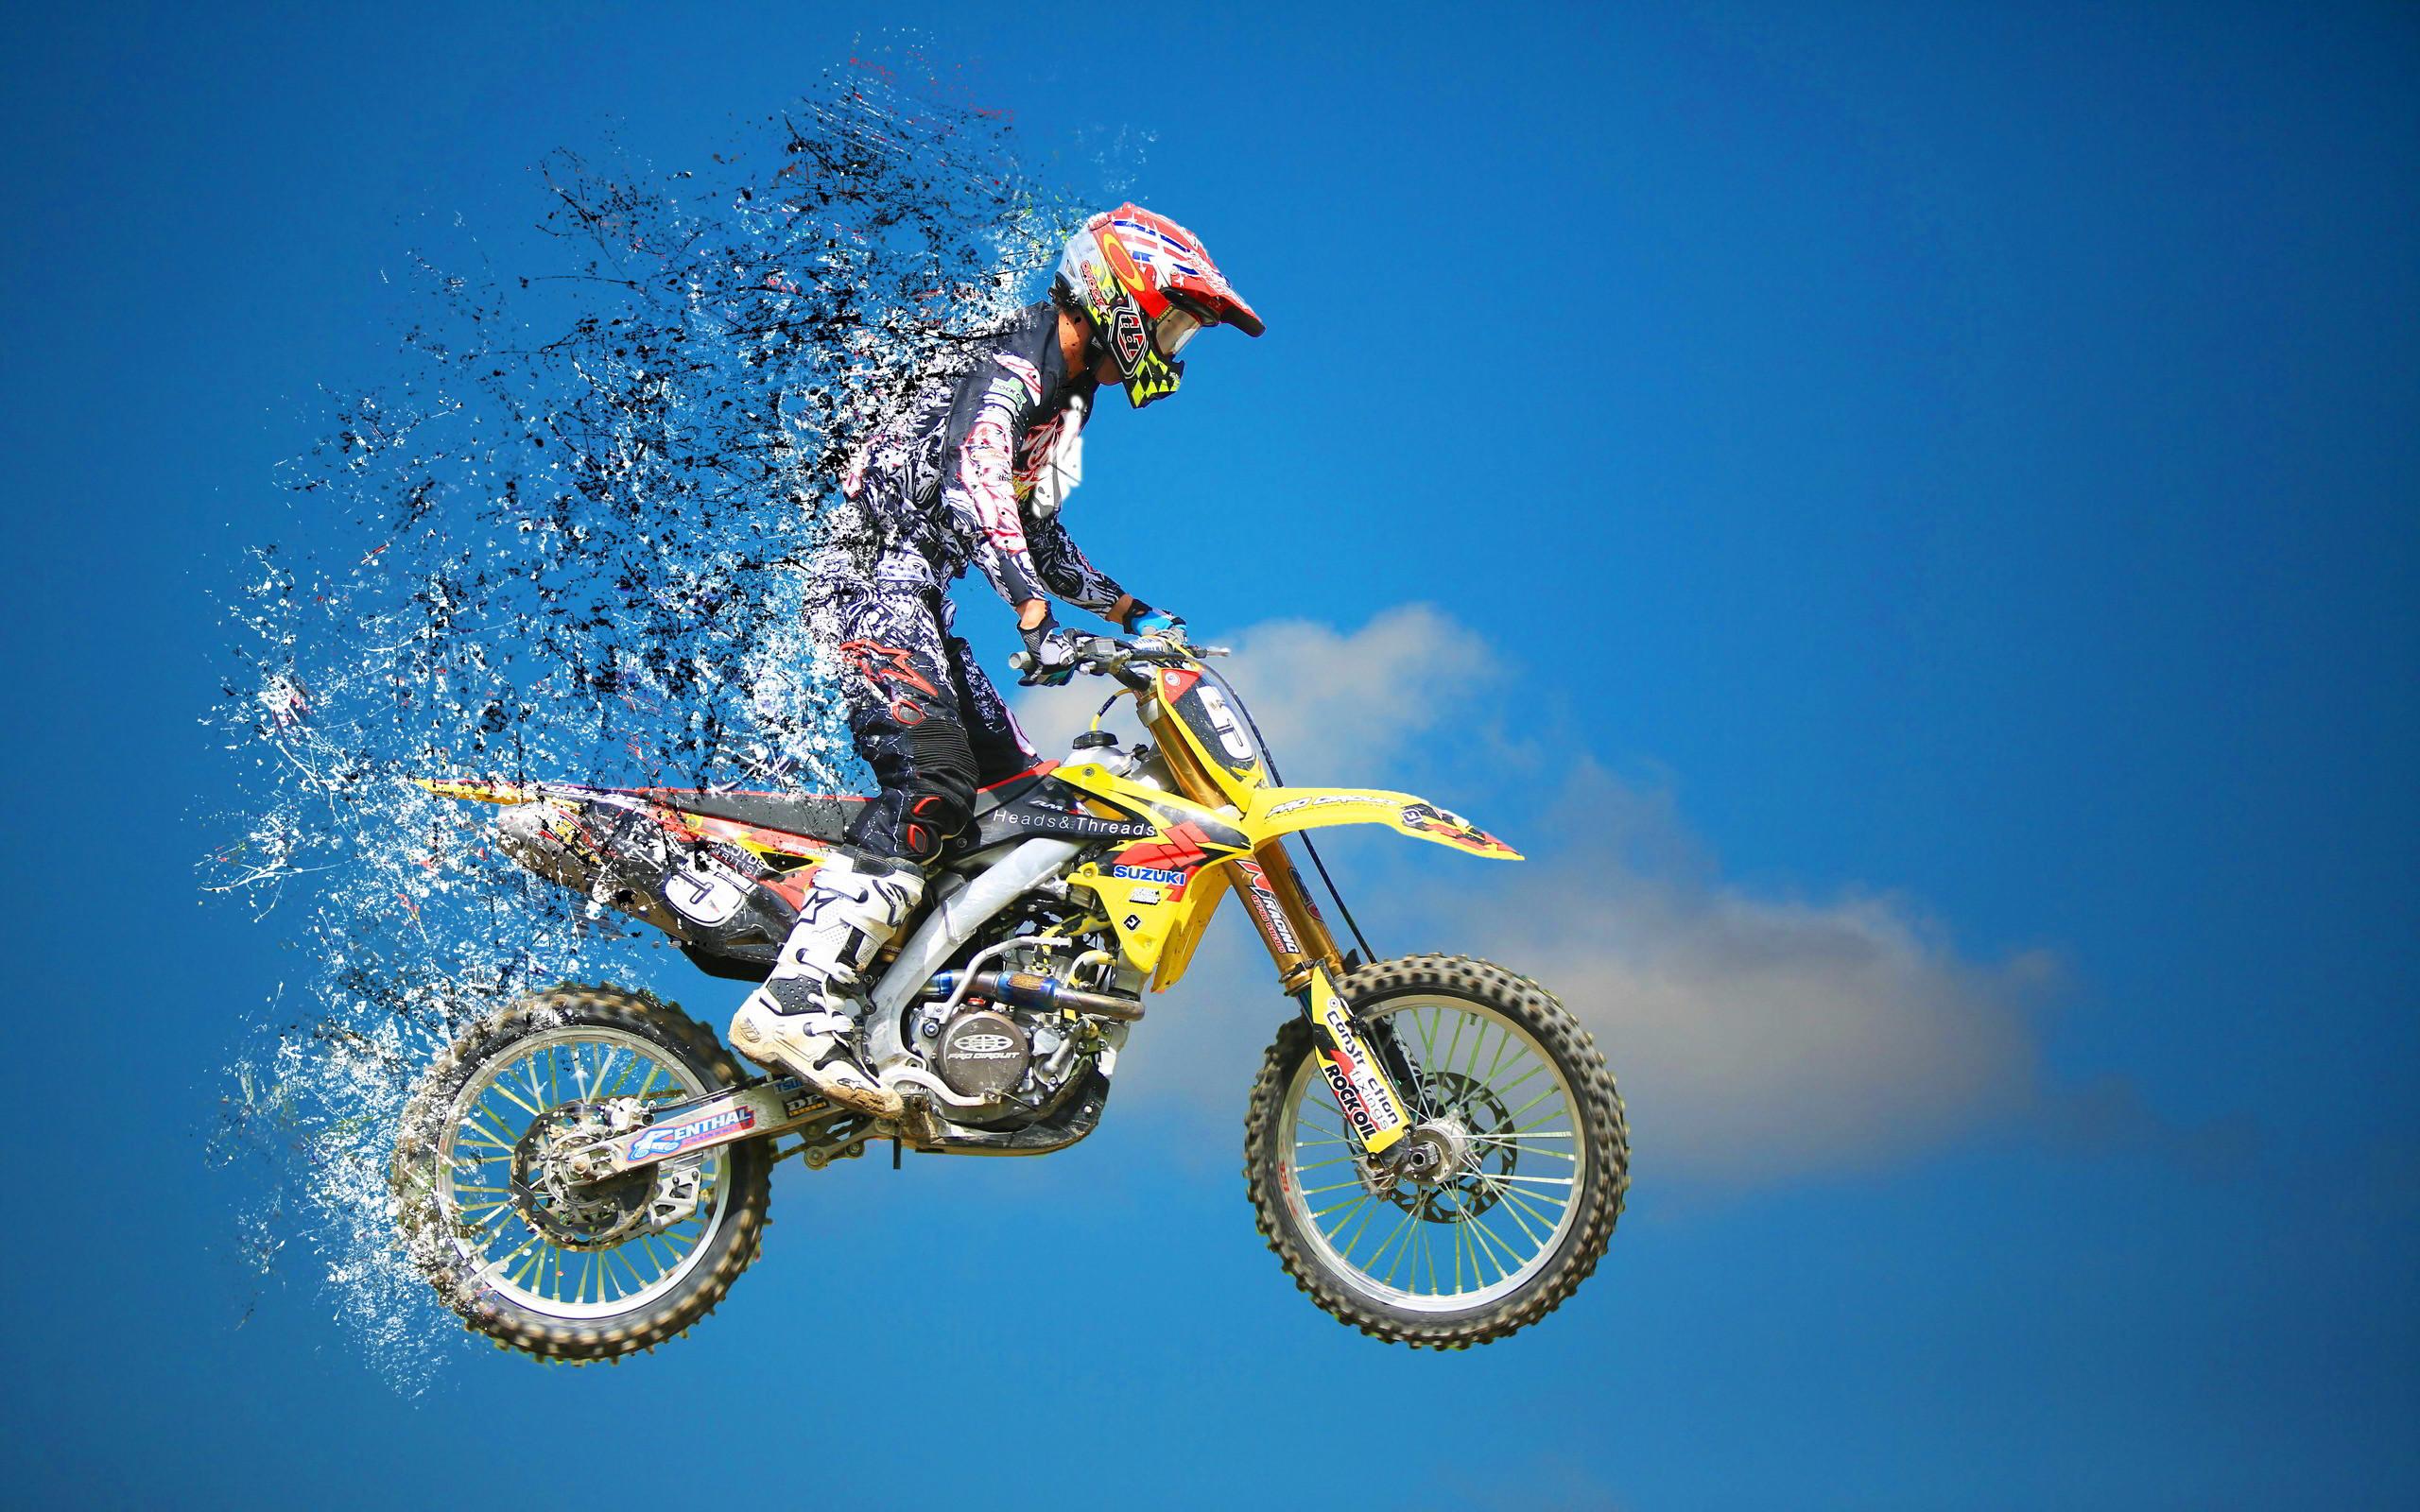 Motocross jump splatter